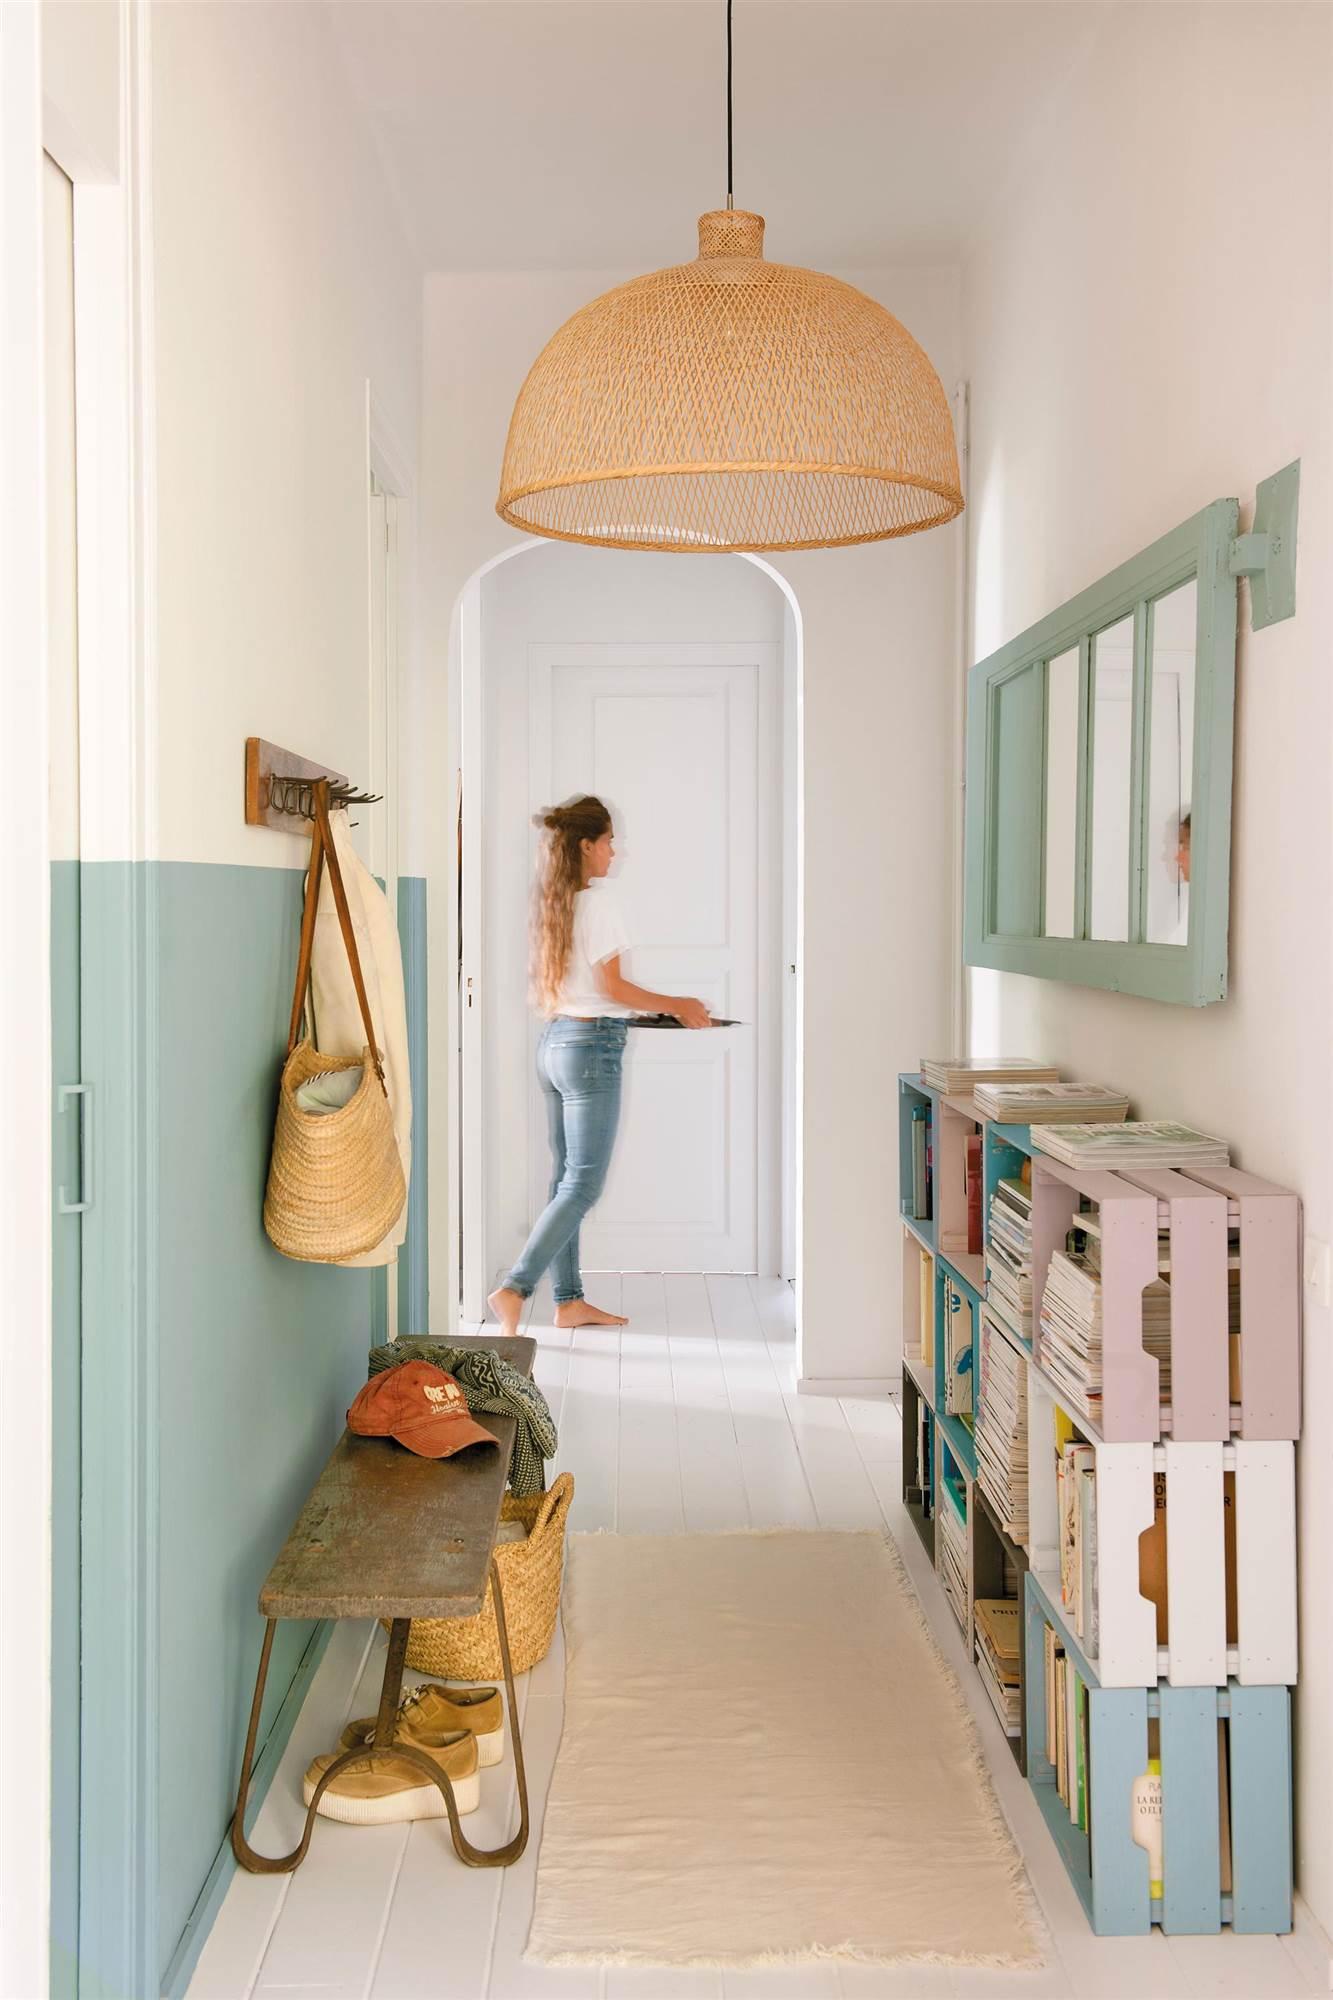 204 Fotos De Pasillos - Como-decorar-un-pasillo-pequeo